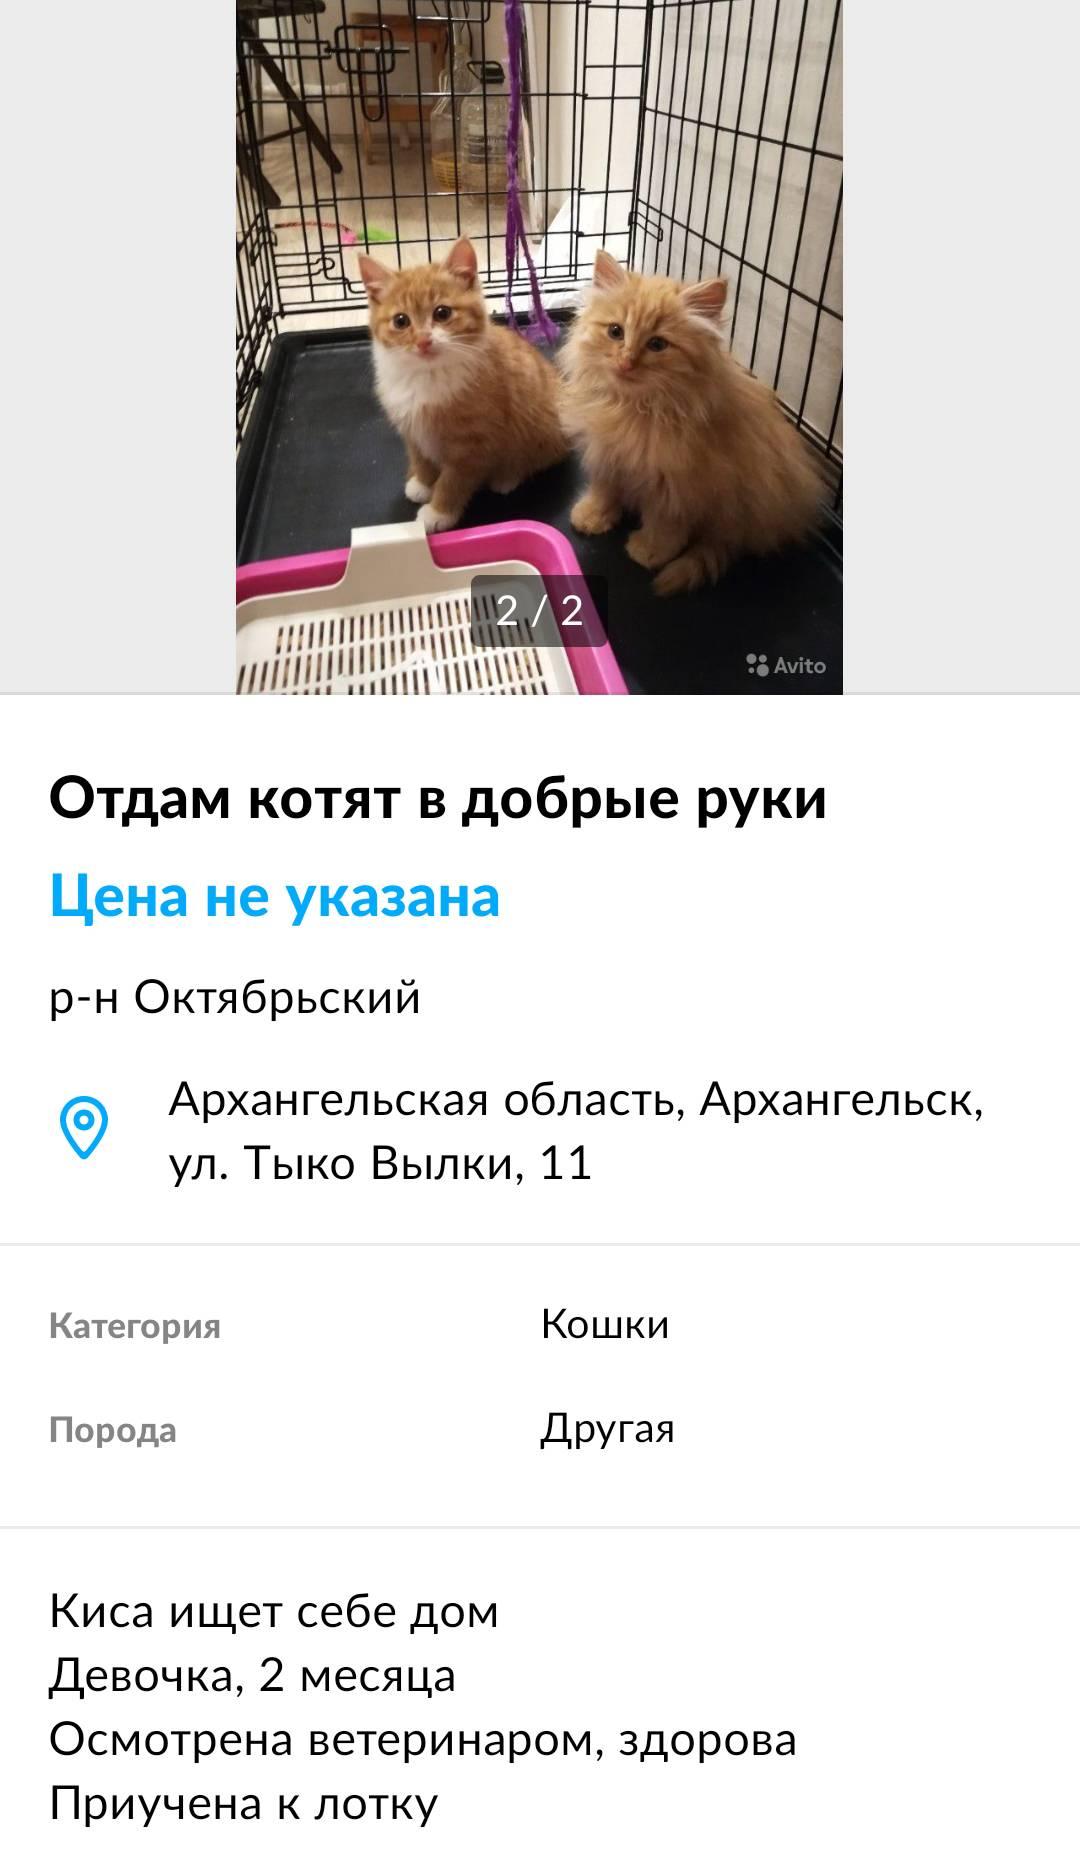 Так выглядят мои посты о поиске новых хозяев для котят